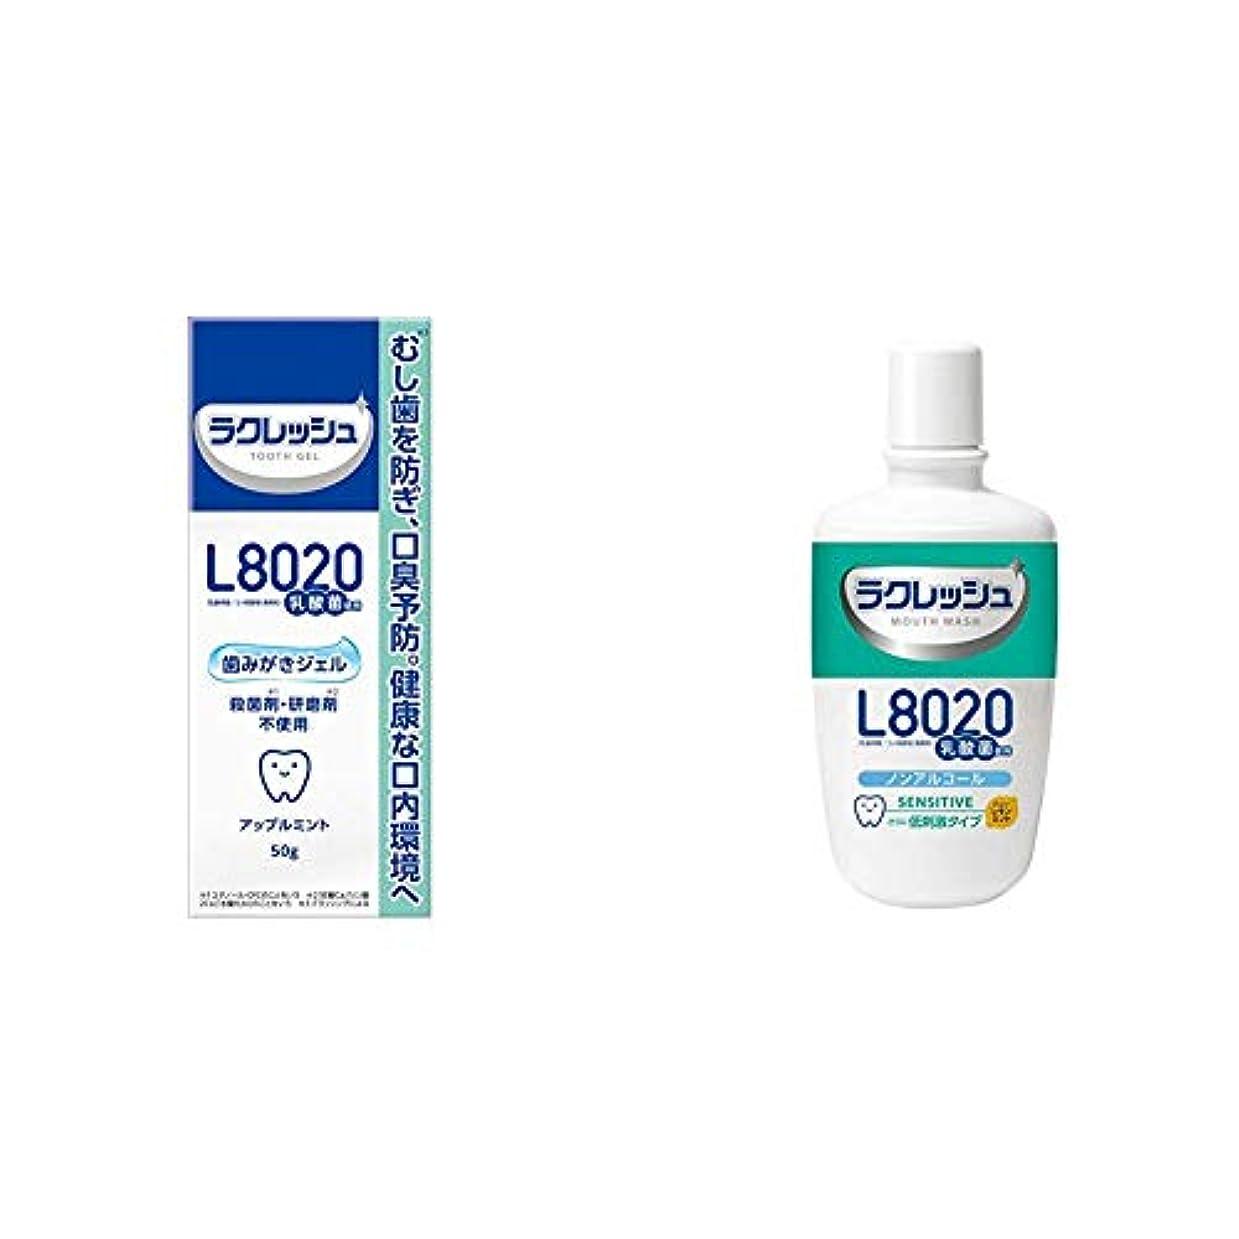 奨励部分適用済みジェクス L8020 ラクレッシュ 歯みがきジェル 50g & L8020乳酸菌 ラクレッシュ センシティブ 洗口液 300mL